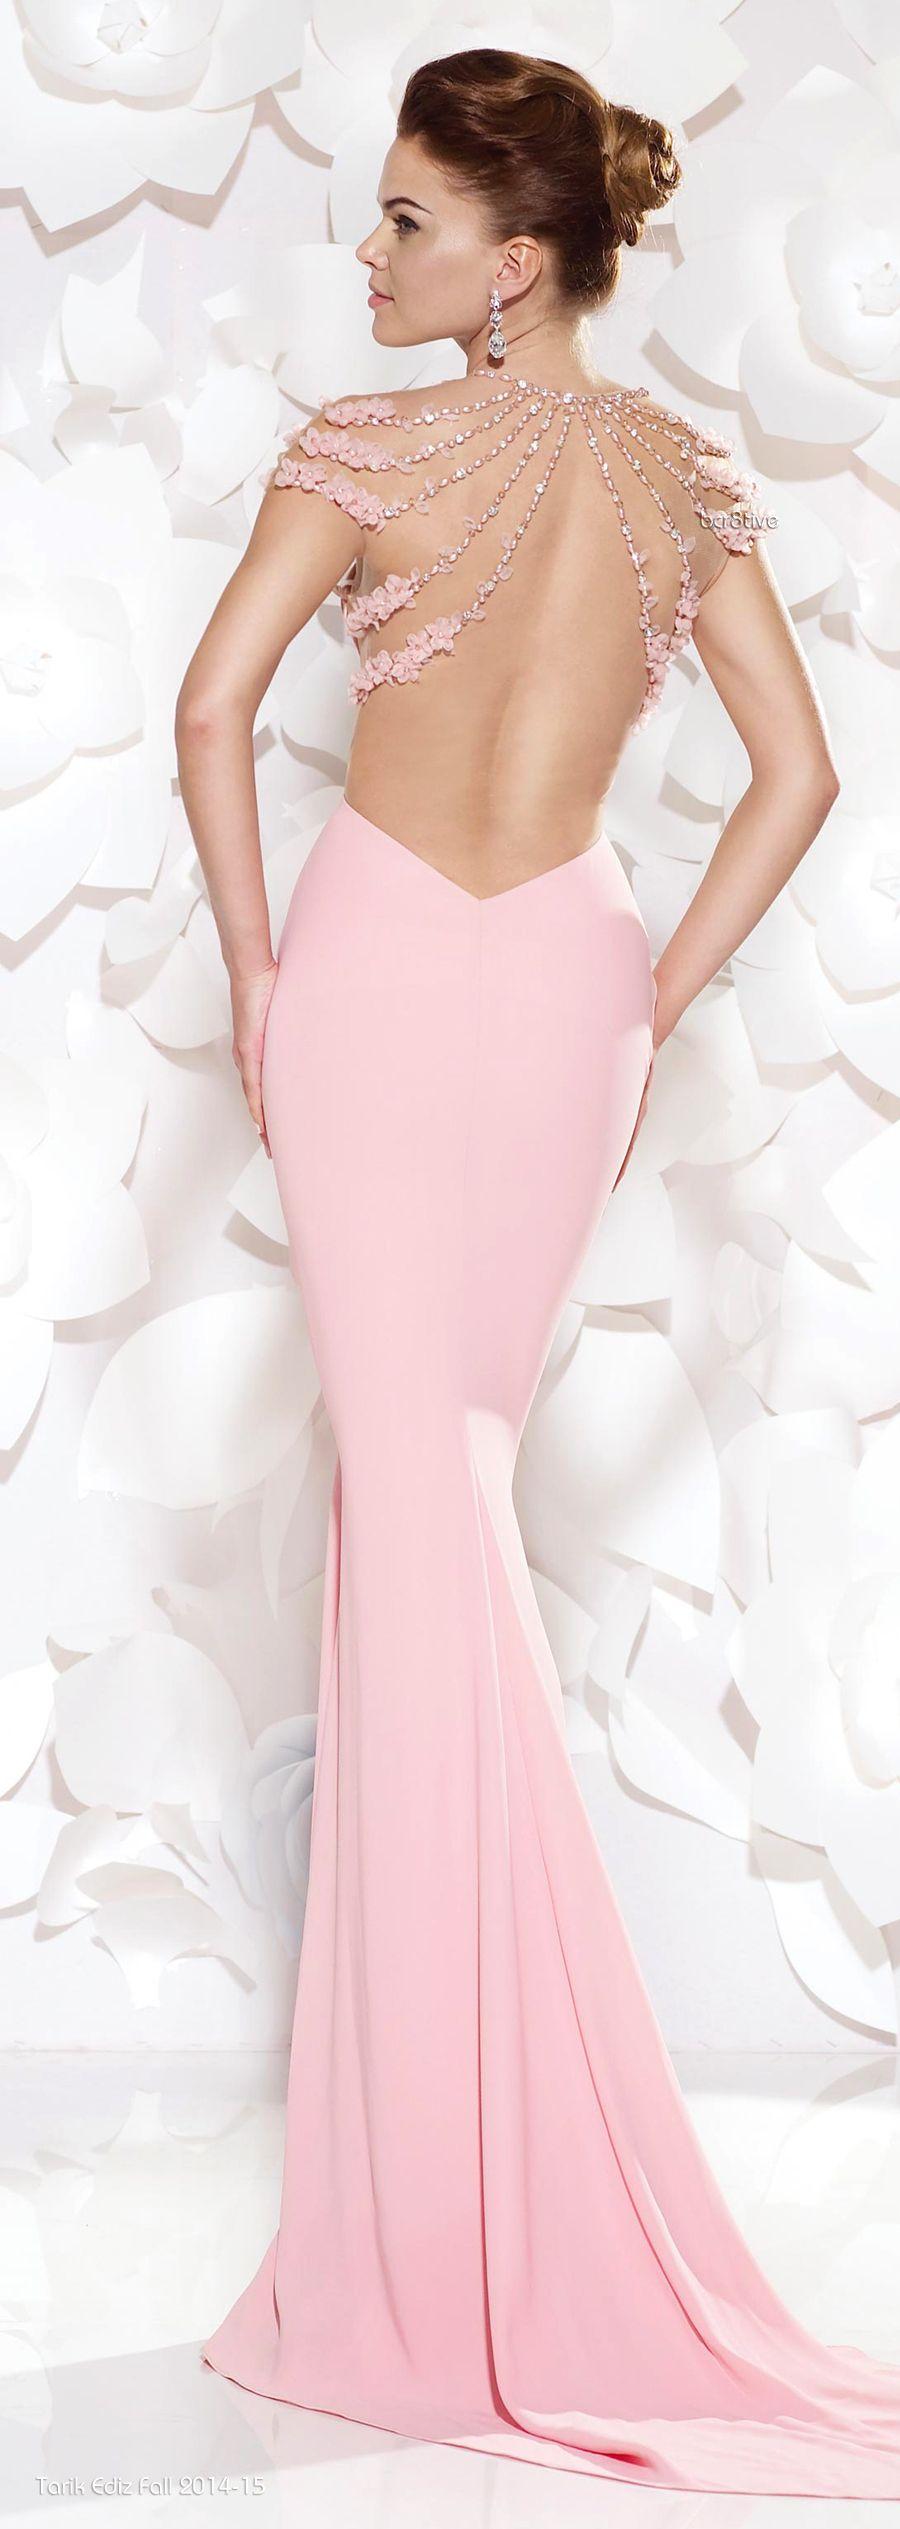 Pin de jade en Prom | Pinterest | Vestiditos, Vestidos de fiesta y ...